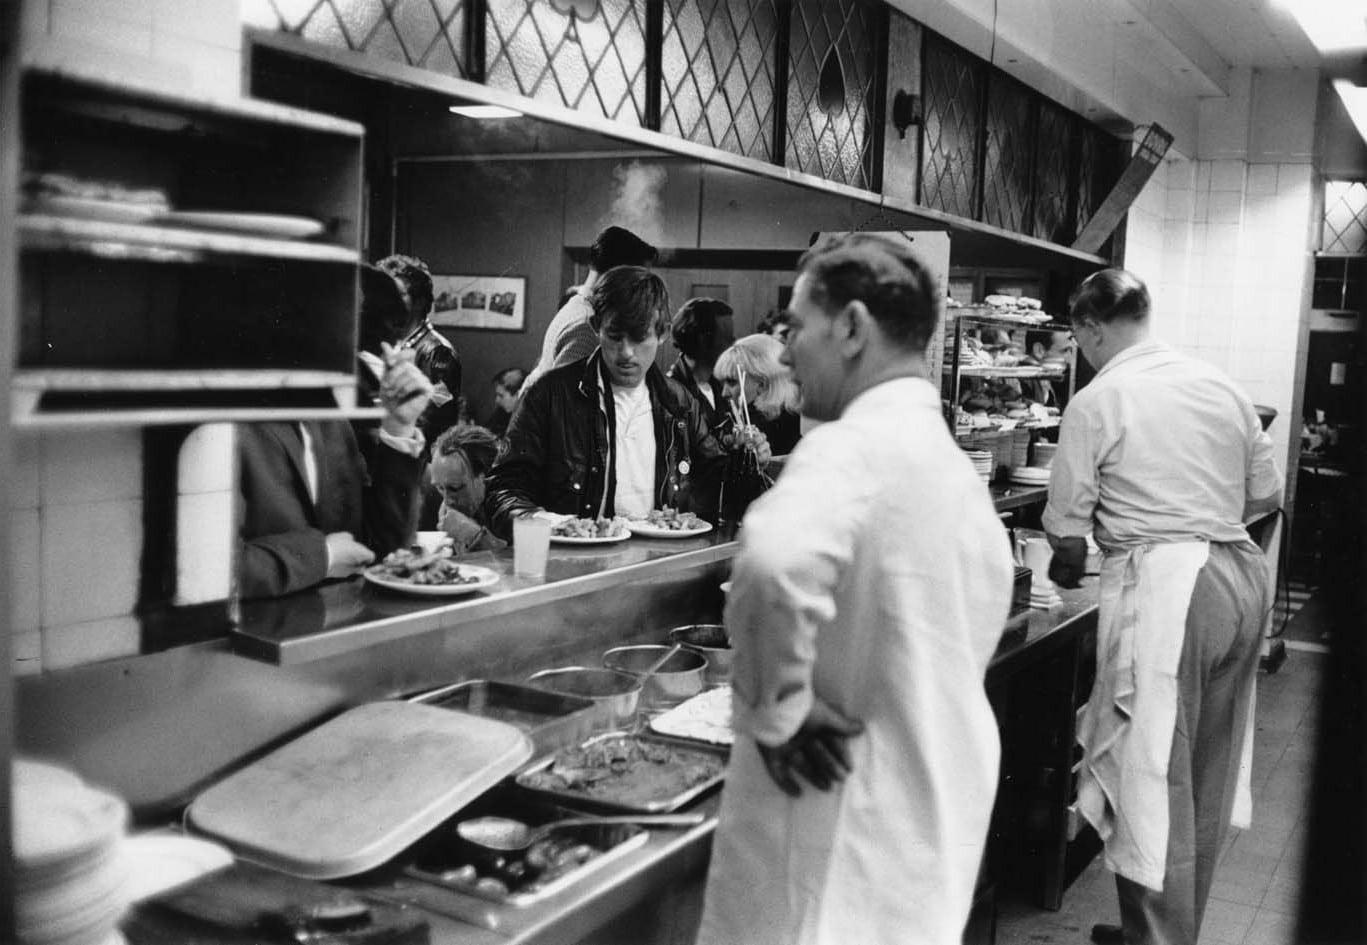 Kitchen of Ace Cafe London 1959